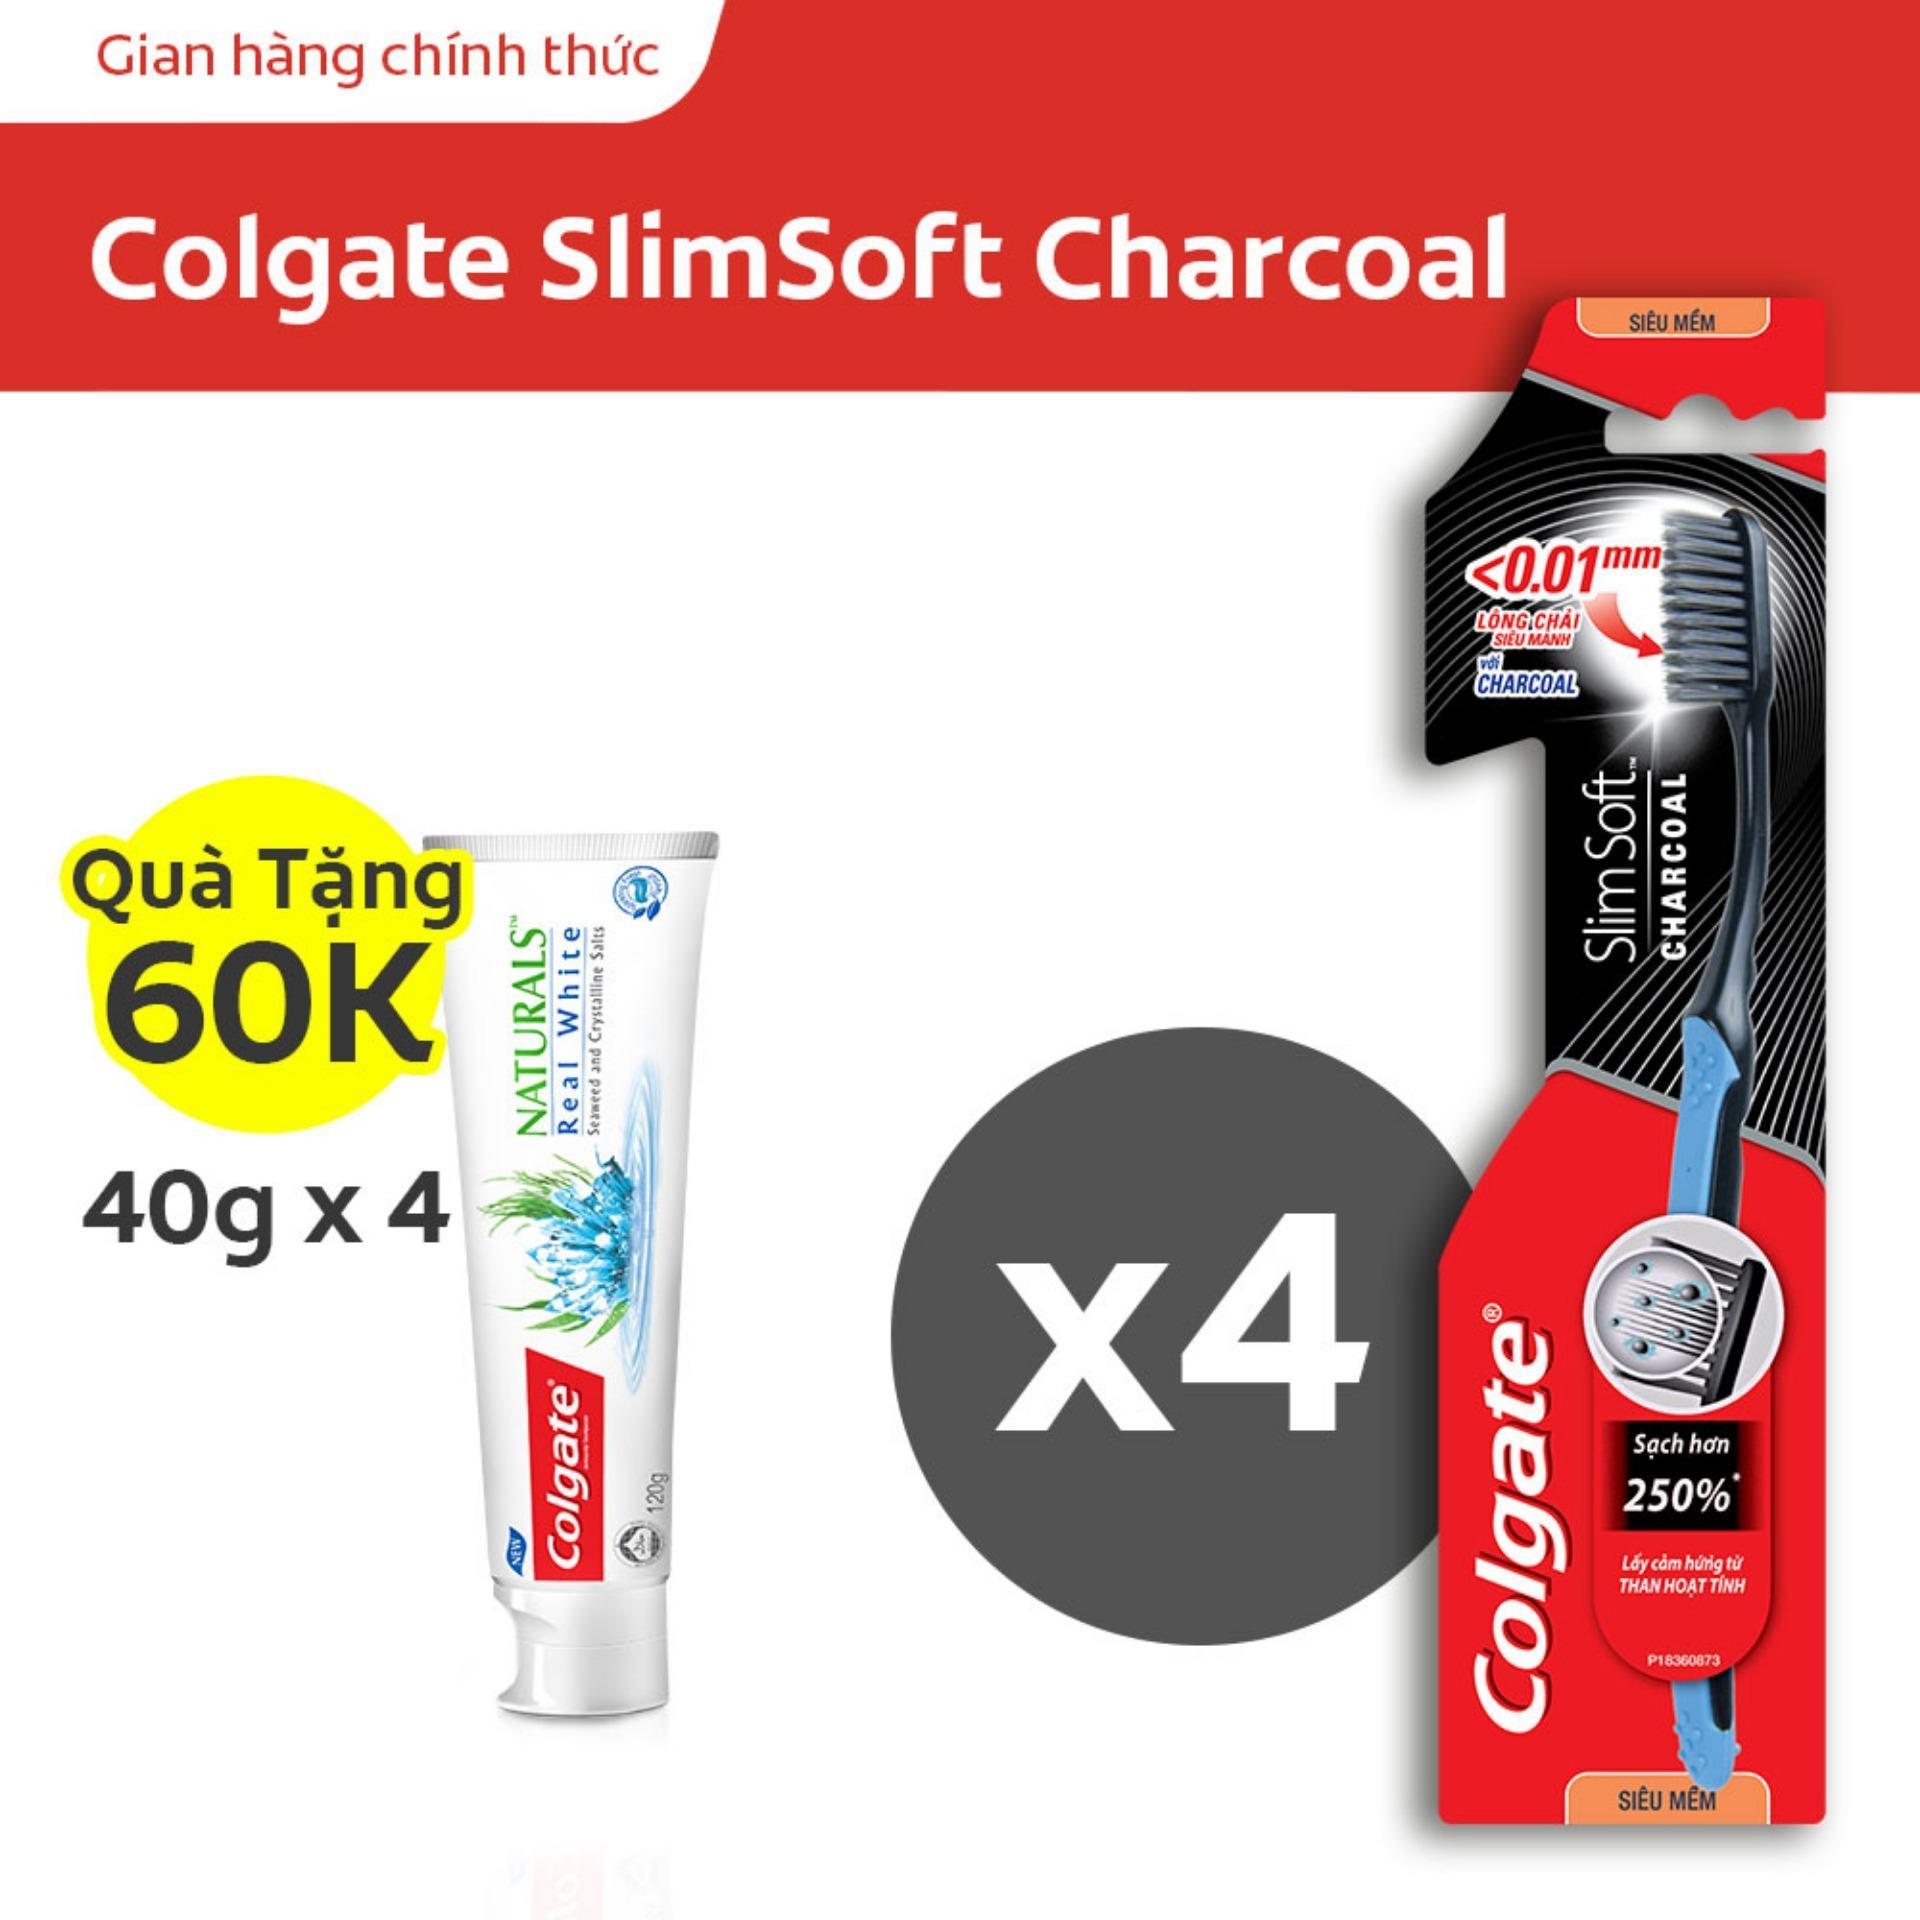 Bộ 4 Bàn chải đánh răng Colgate SlimSoft Charcoal mềm mảnh than hoạt tính tặng bộ 4 kem đánh răng Colgate thiên nhiên làm trắng tinh khôi từ Tảo biển và muối tinh khiết 40g cao cấp